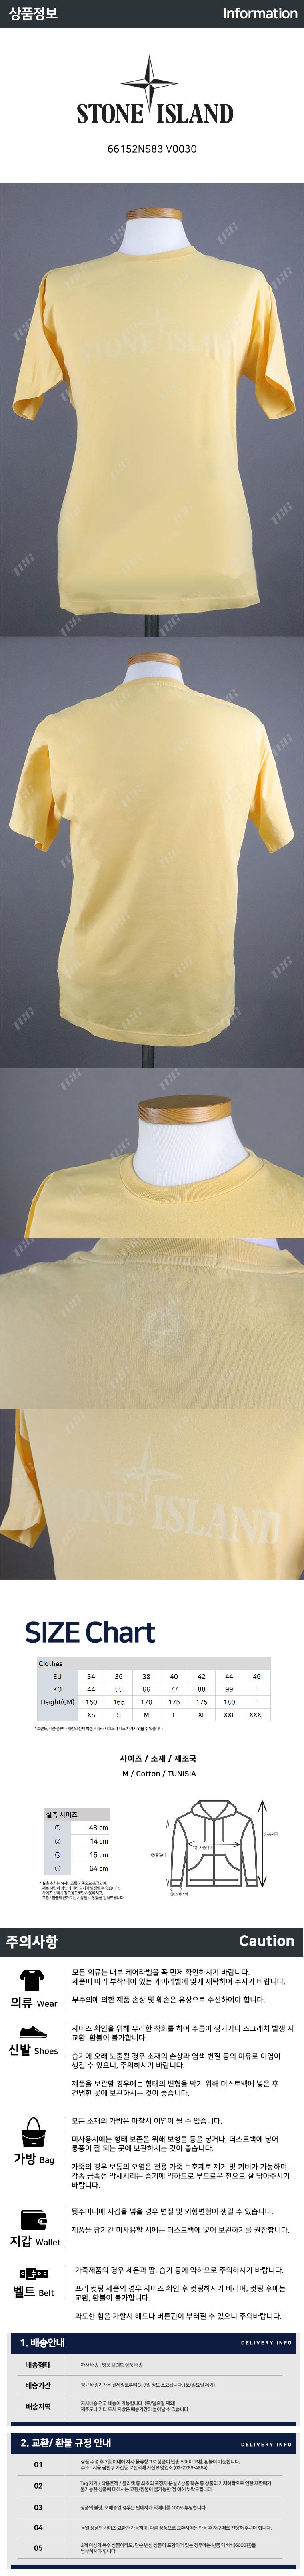 스톤아일랜드 66152NS83 V0030 로고 프린팅 반팔 티셔츠 T19C119